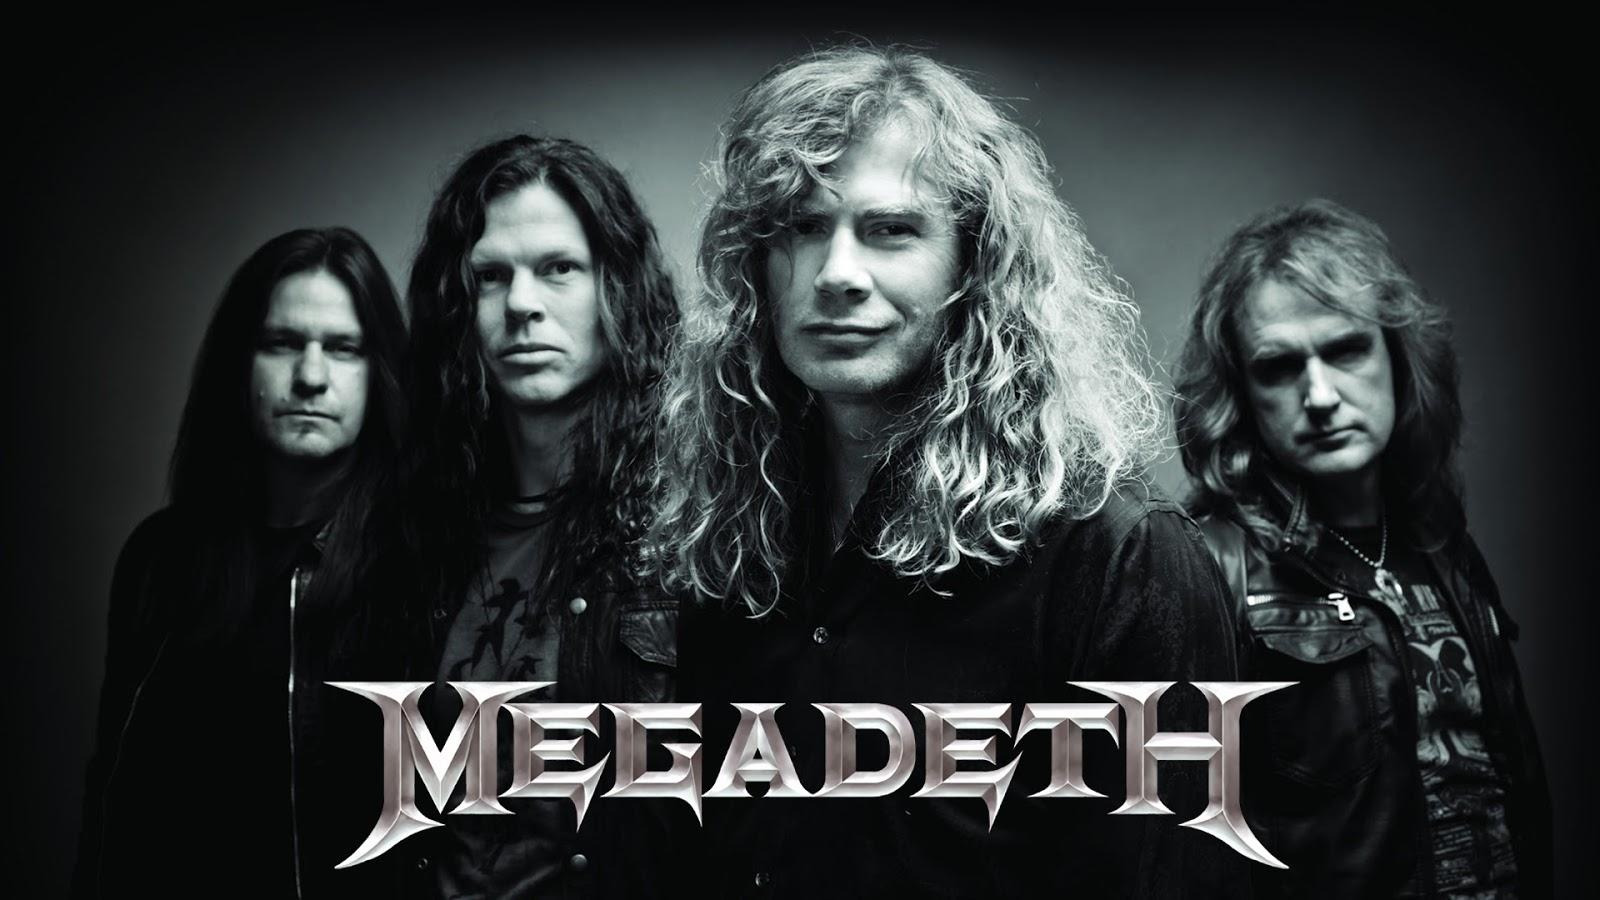 Download lagu full album megadeth my arcop download lagu full album mp3 megadeth reheart Choice Image